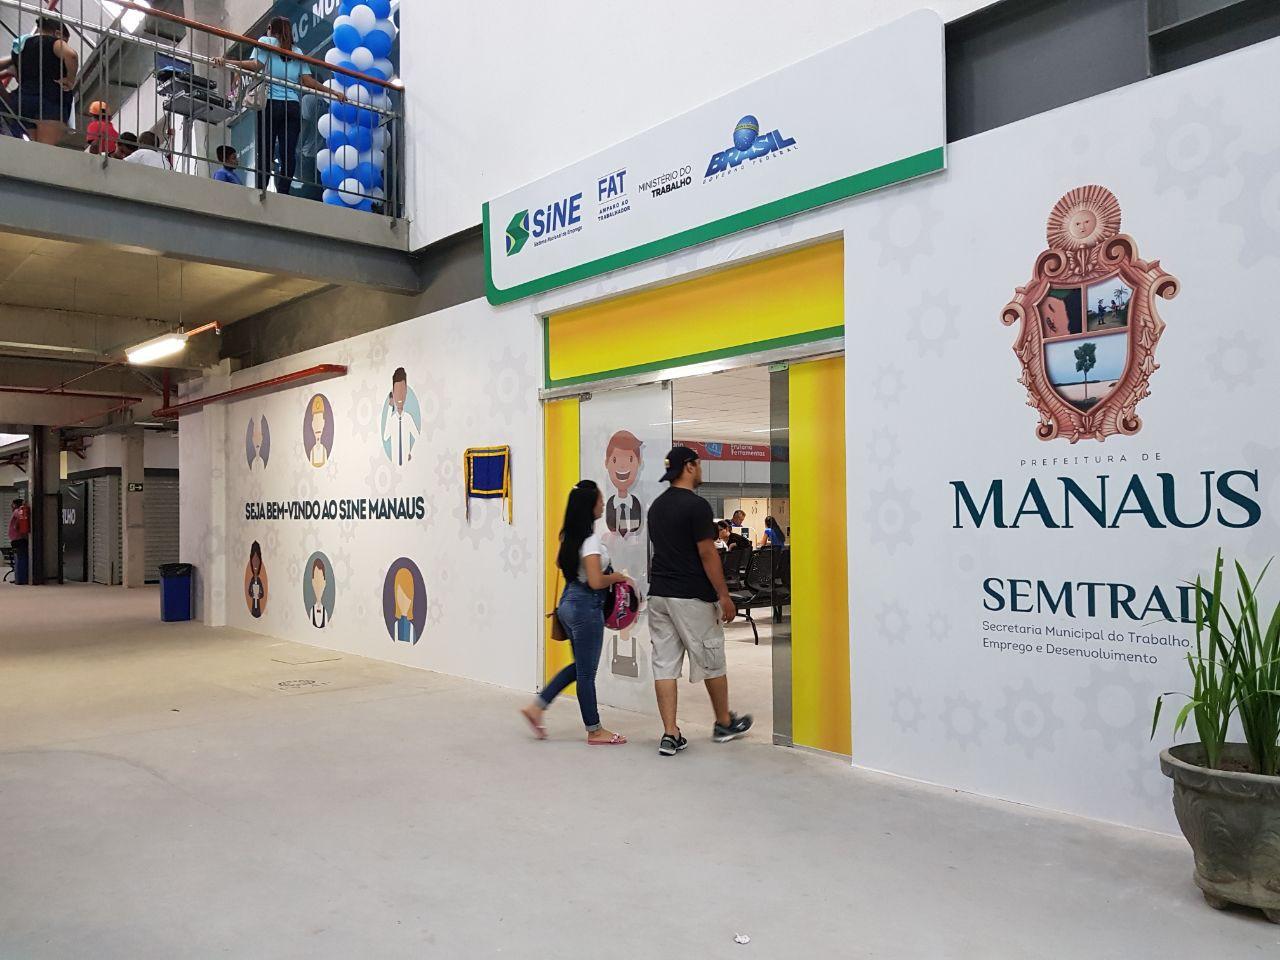 Sine Manaus seleciona candidatos para 66 vagas de emprego nesta quarta-feira (13) - Notícias - Plantão Diário